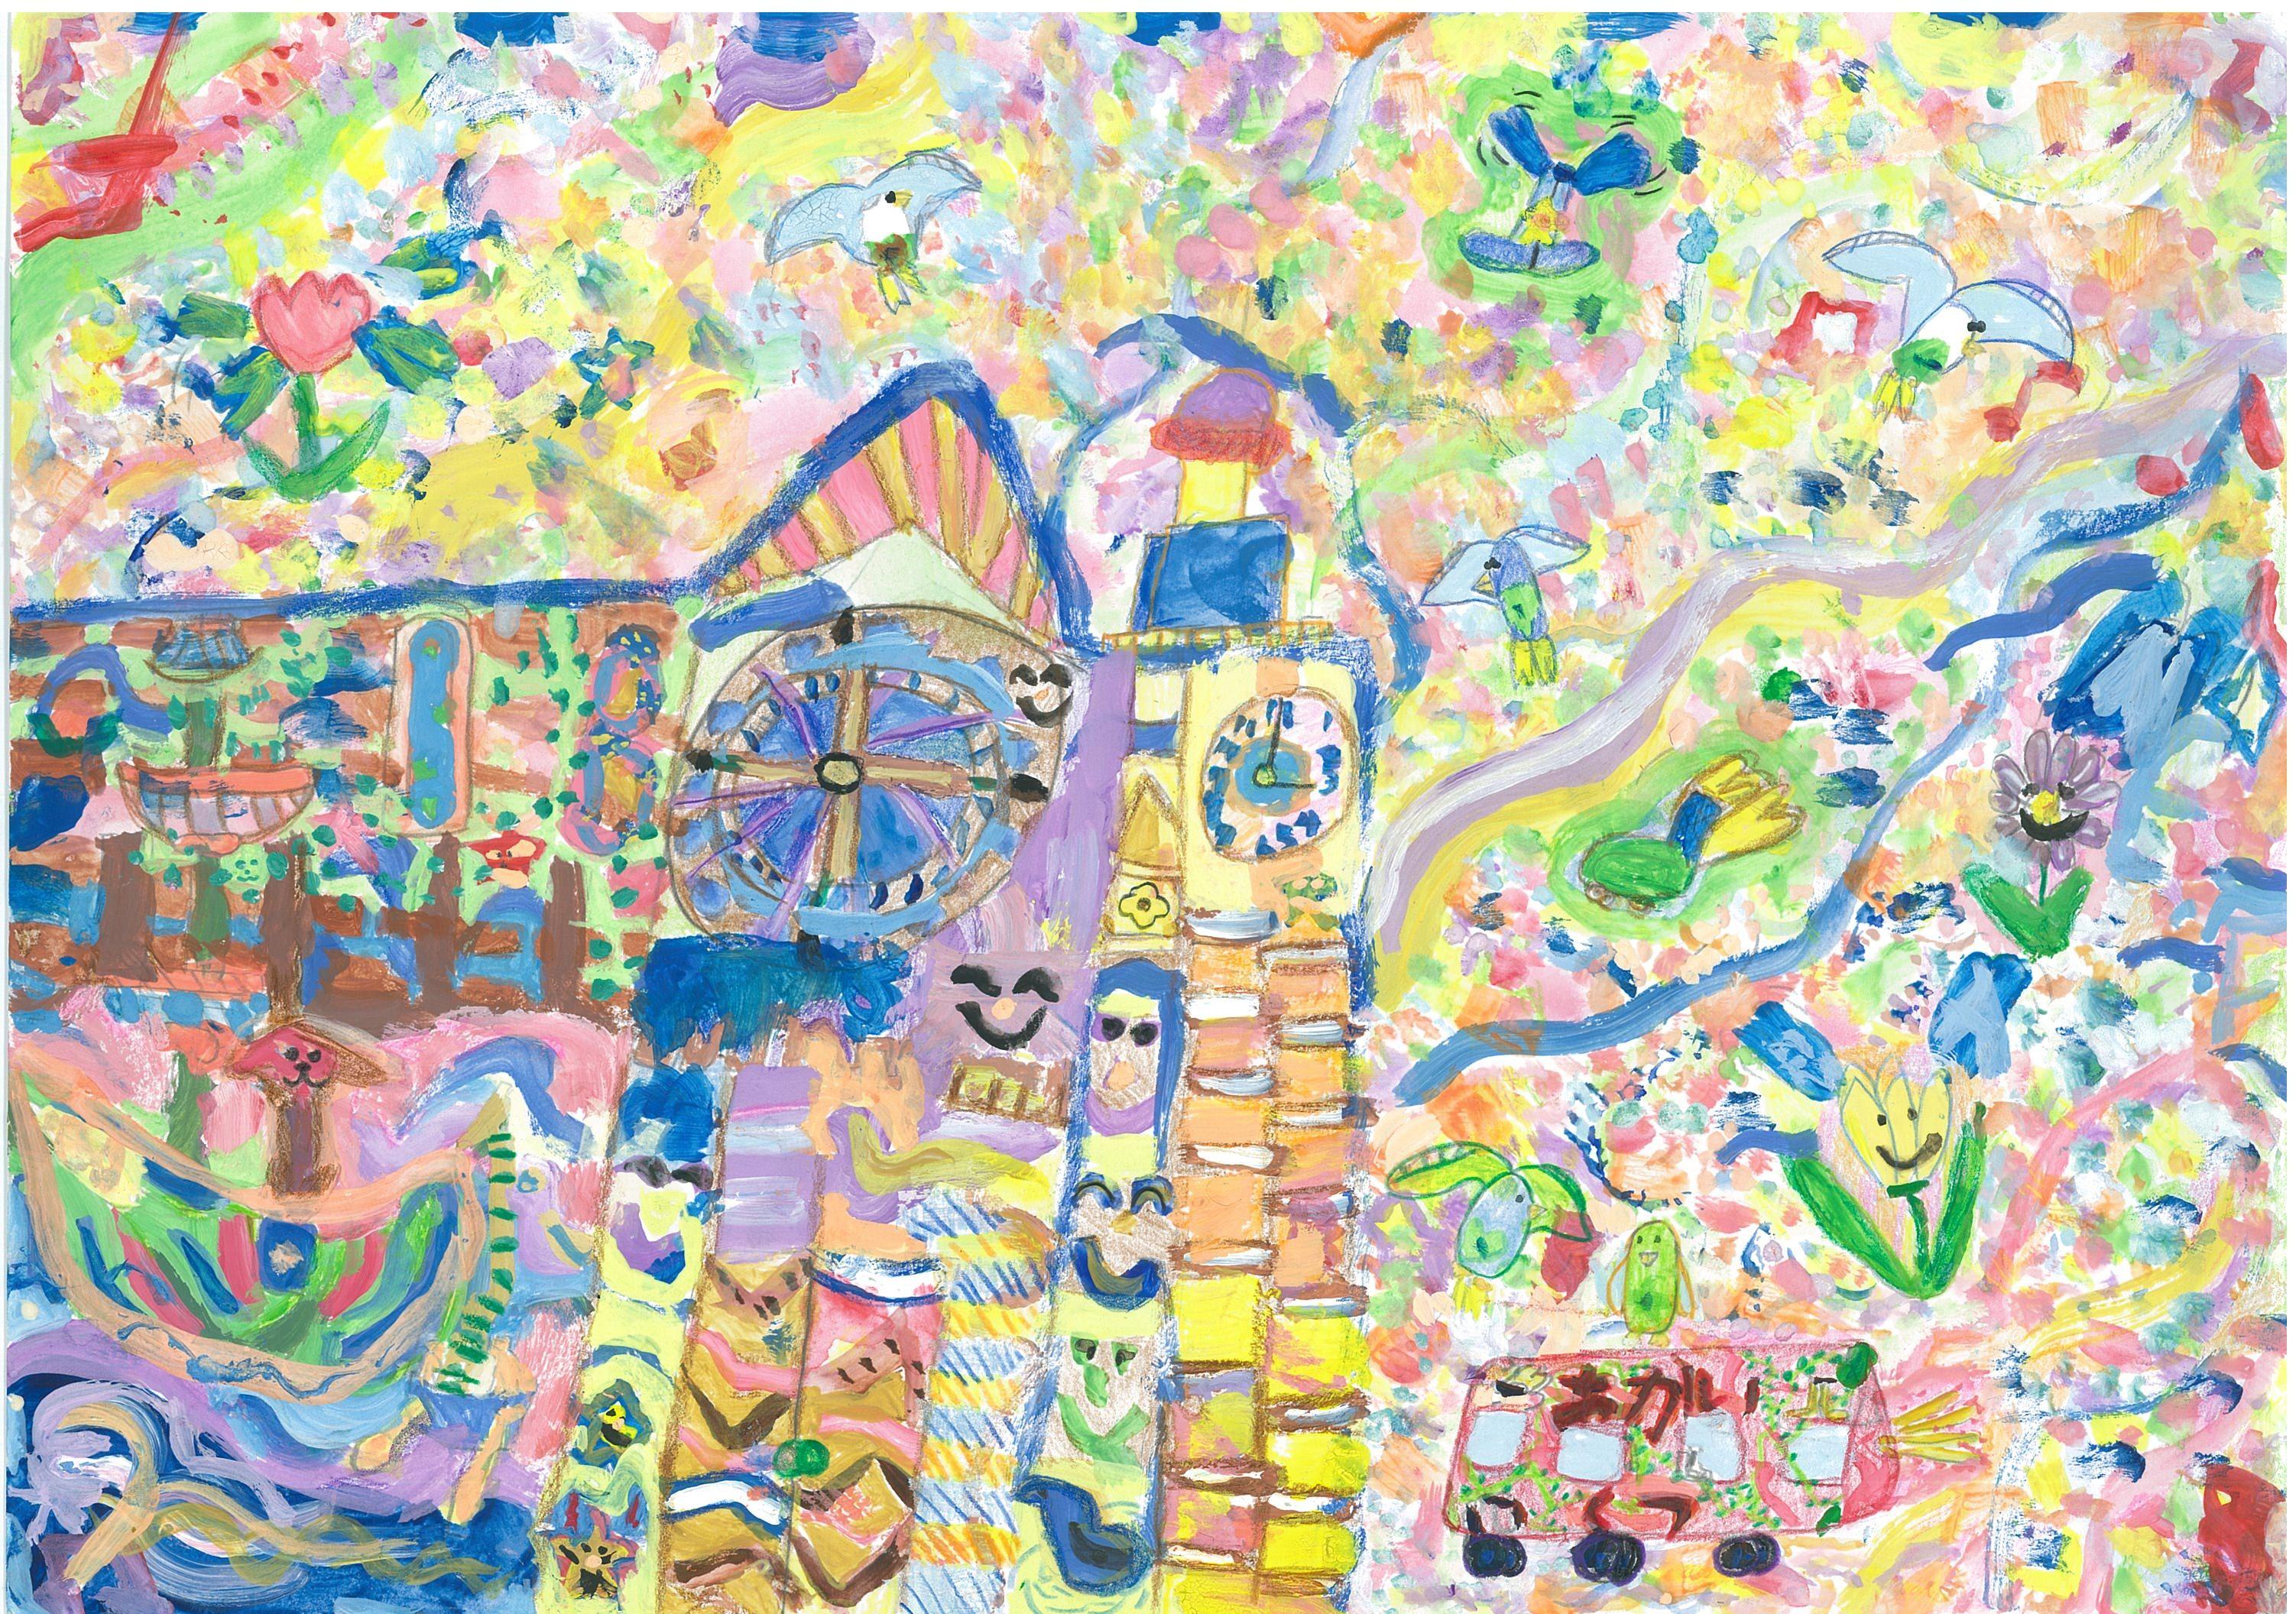 横浜市教育委員会賞 横浜市立平戸小学校2年 小山愛加 「お花畑につつまれたジャックの塔」